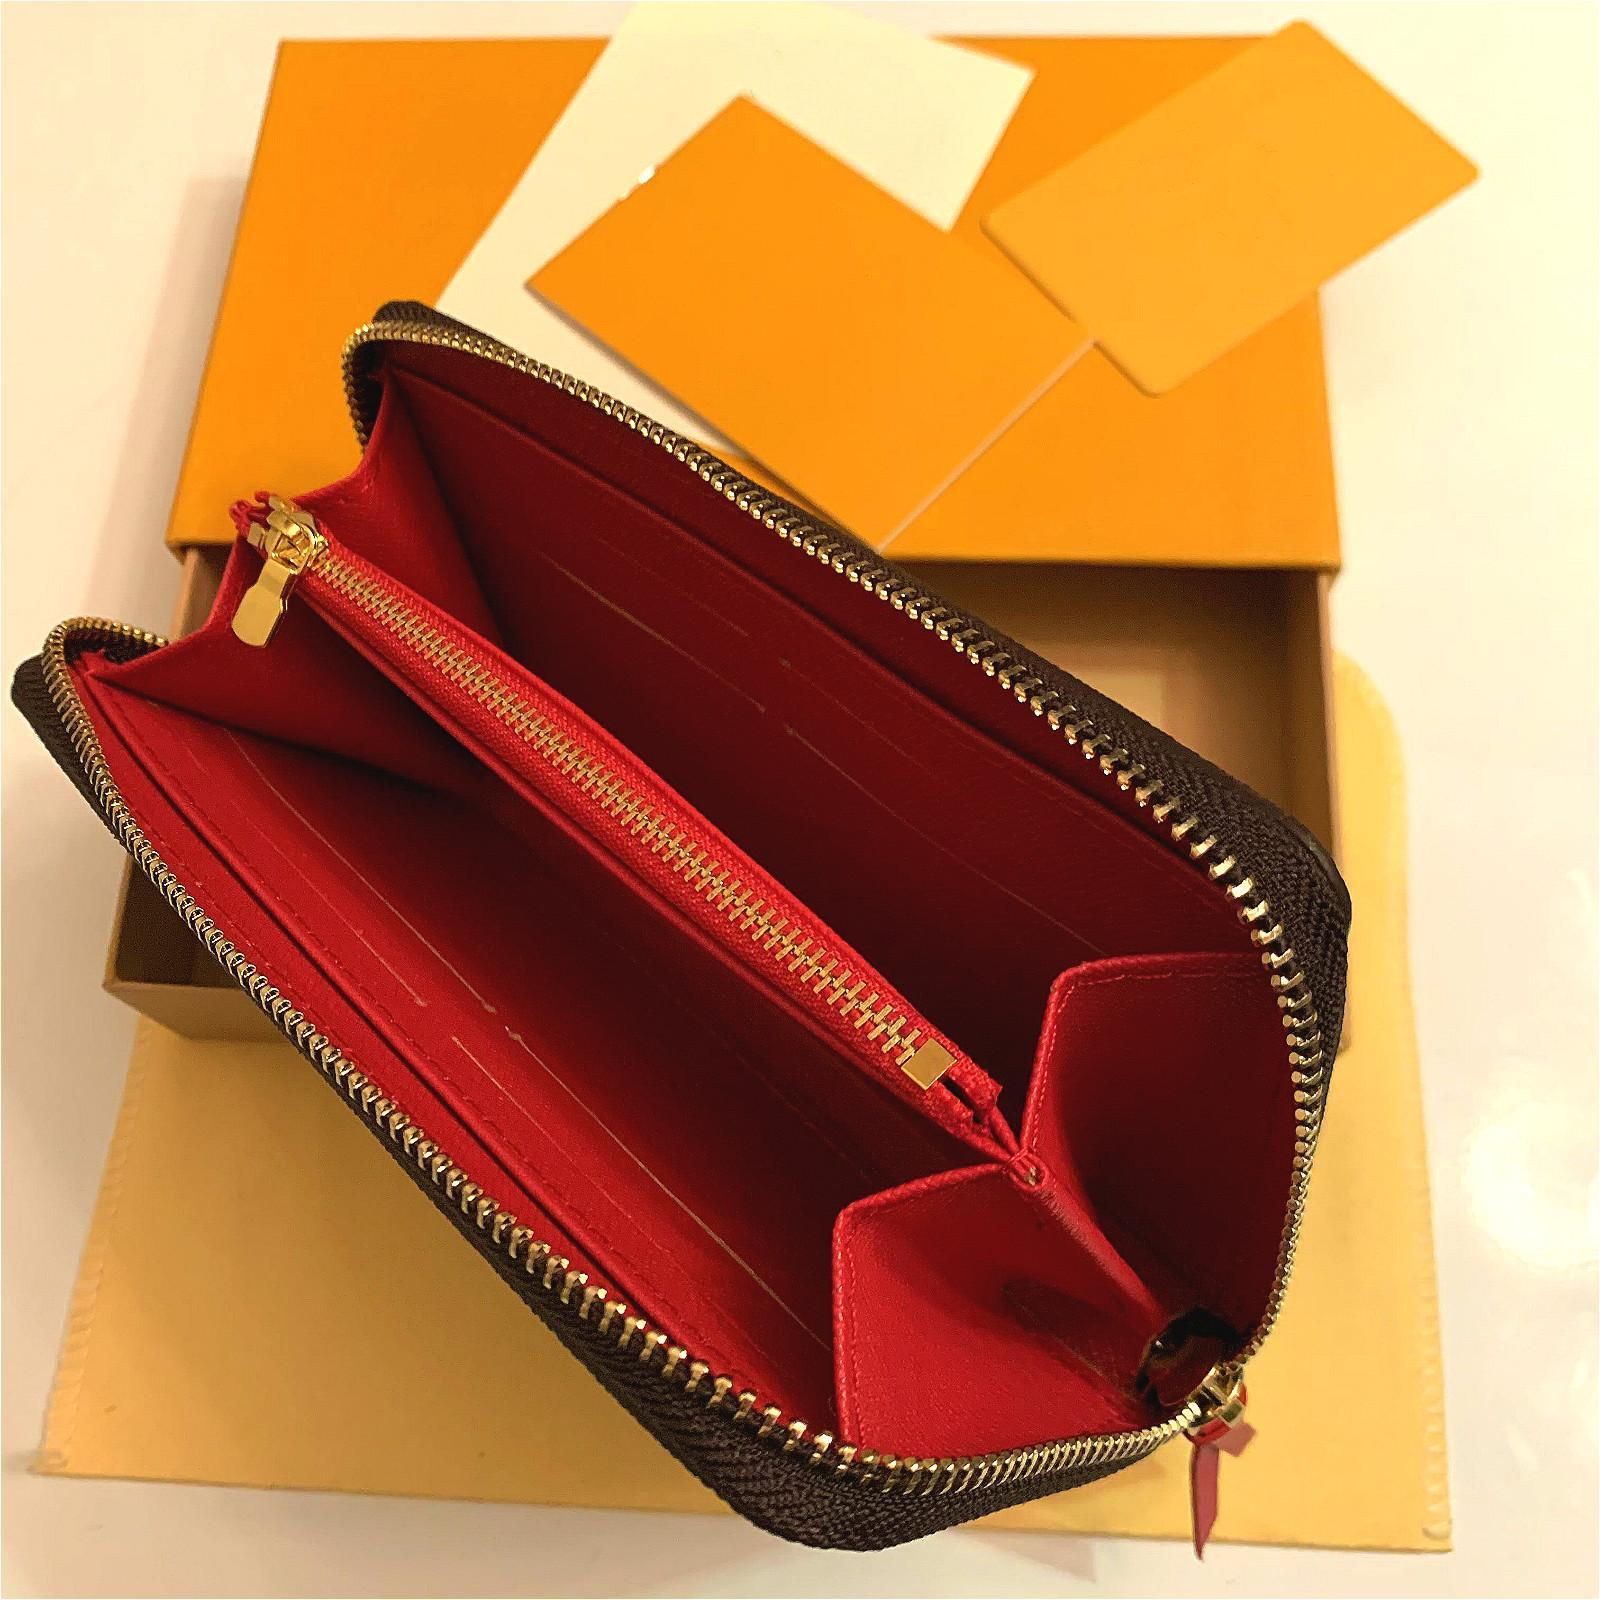 M60742 Clemenity Cüzdan Tasarımcı Kadın Zippy Uzun Tuval Clémence Anahtar Cüzdan Kılıfı Sikke Çanta Kart Tutucu Kılıf Mini Pochette Accessoires Cles